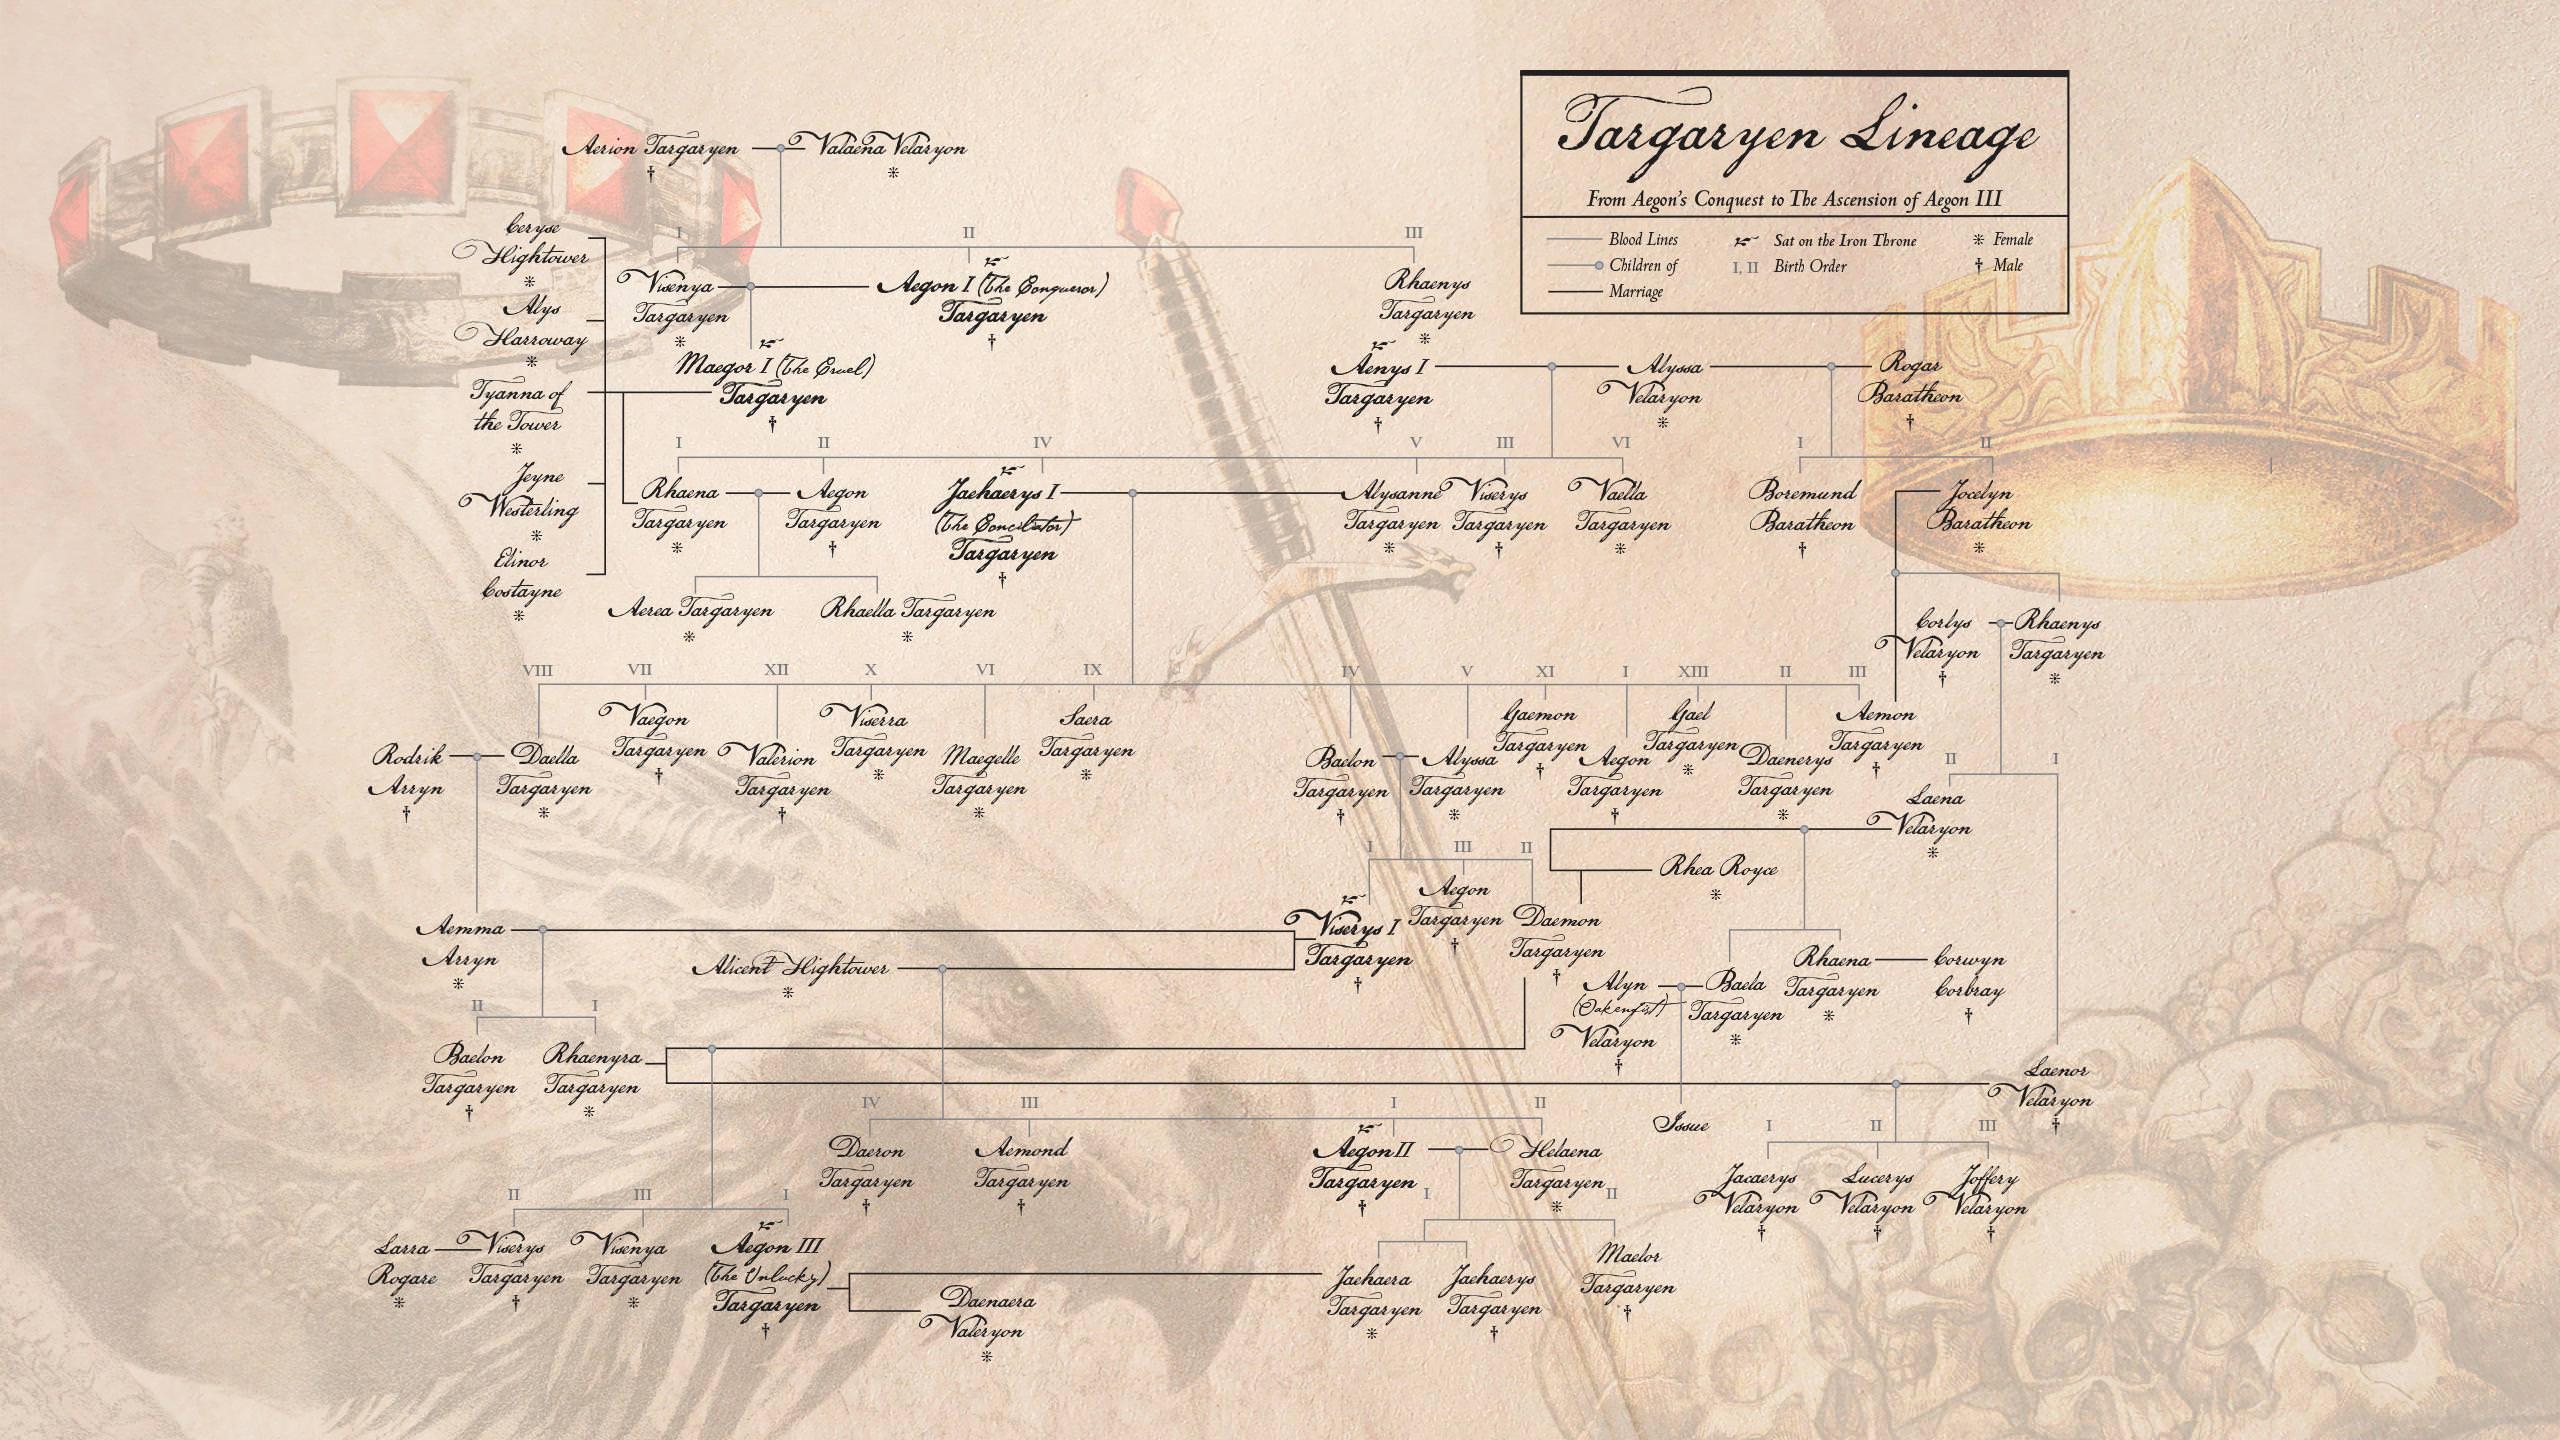 Fuego y sangre presentar un nuevo rbol geneal gico targaryen for Arbol genealogico juego de tronos